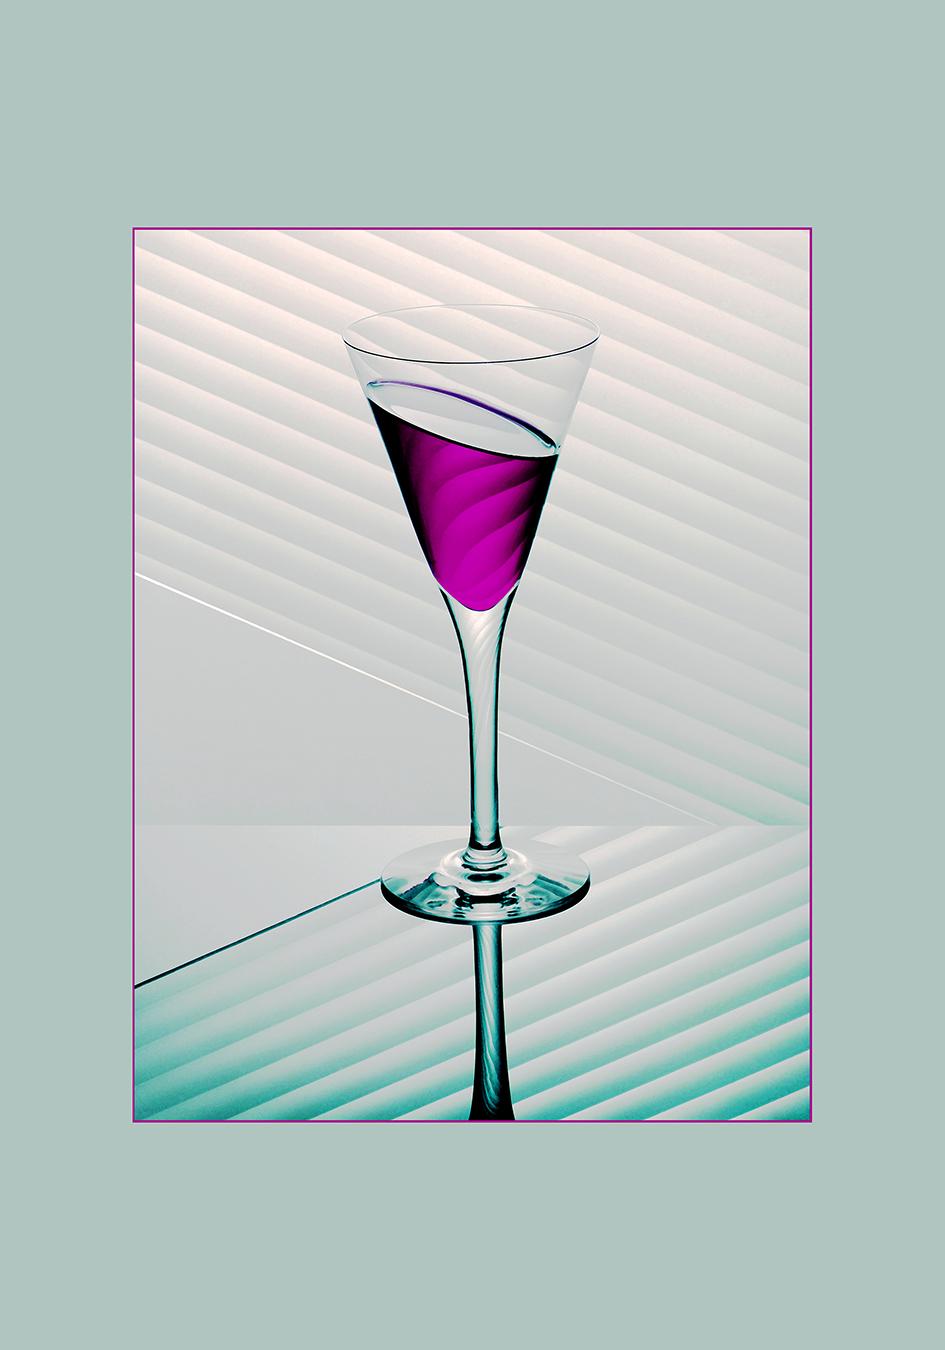 Glaasje mint paars